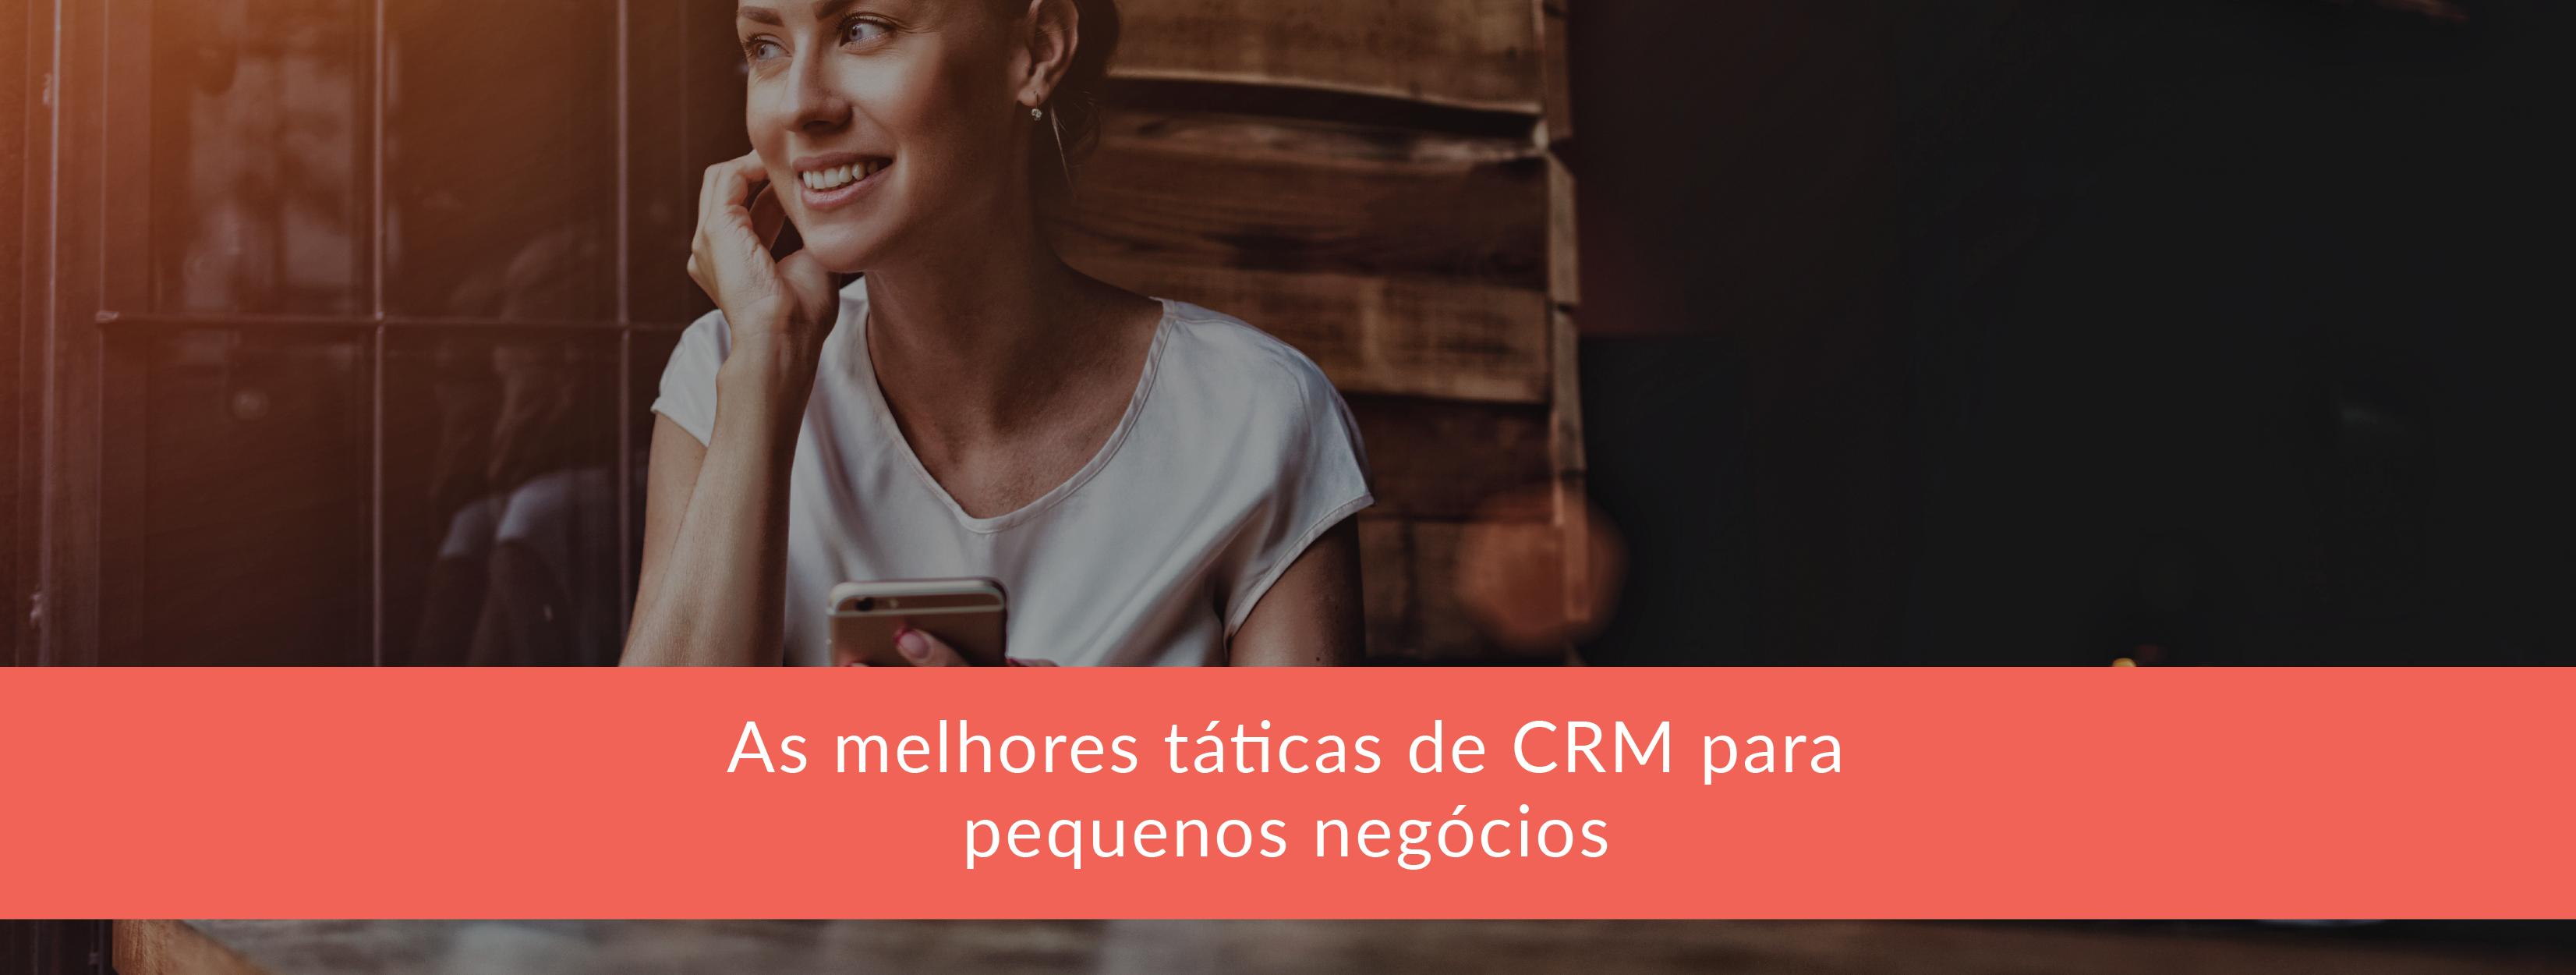 As melhores táticas de CRM para pequenos negócios